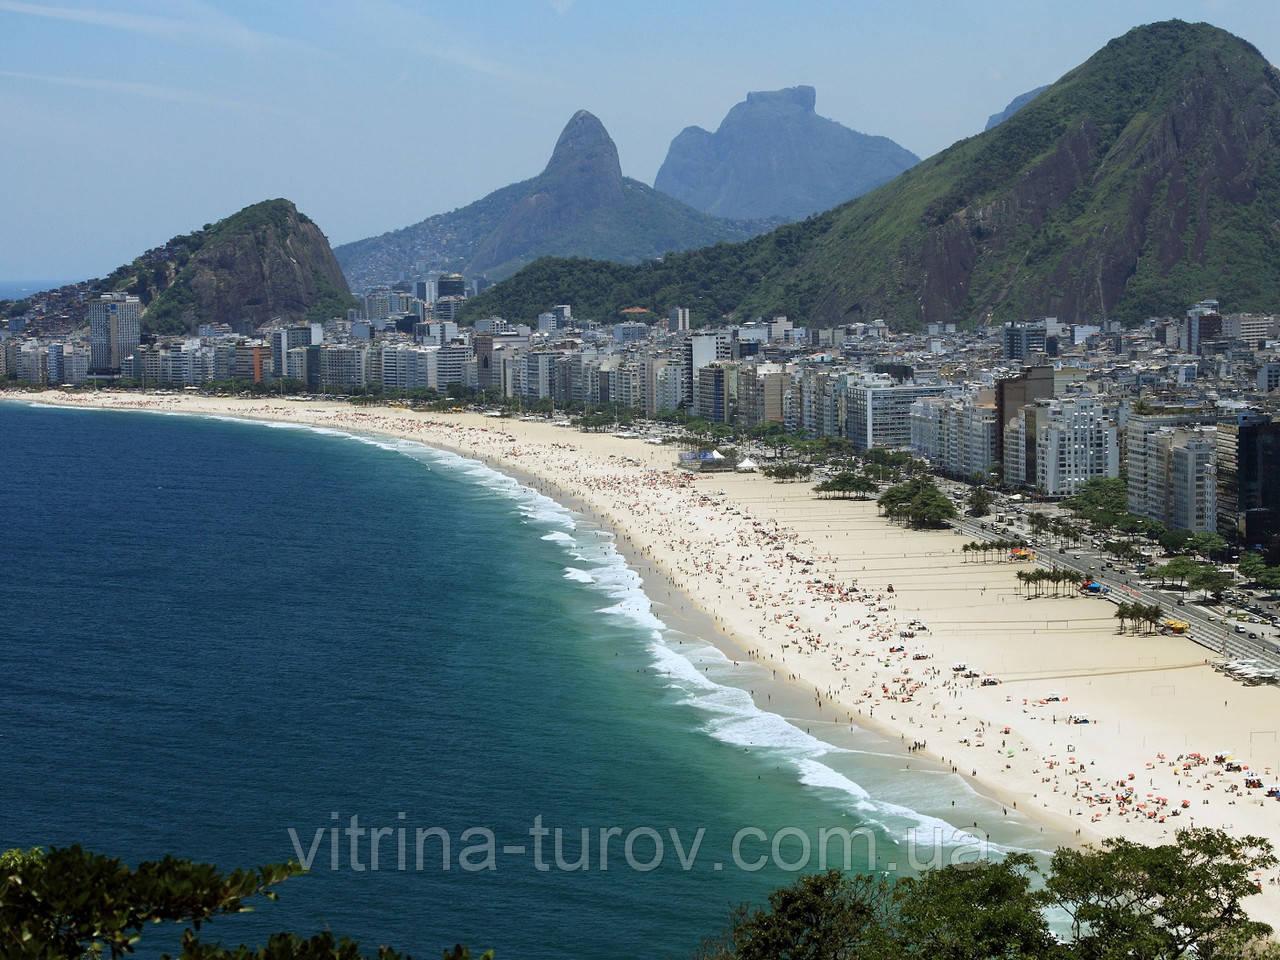 """Екскурсійний тур по Бразилії """"Три Бажання + внутрішні перельоти"""" на 10 днів / 9 ночей"""